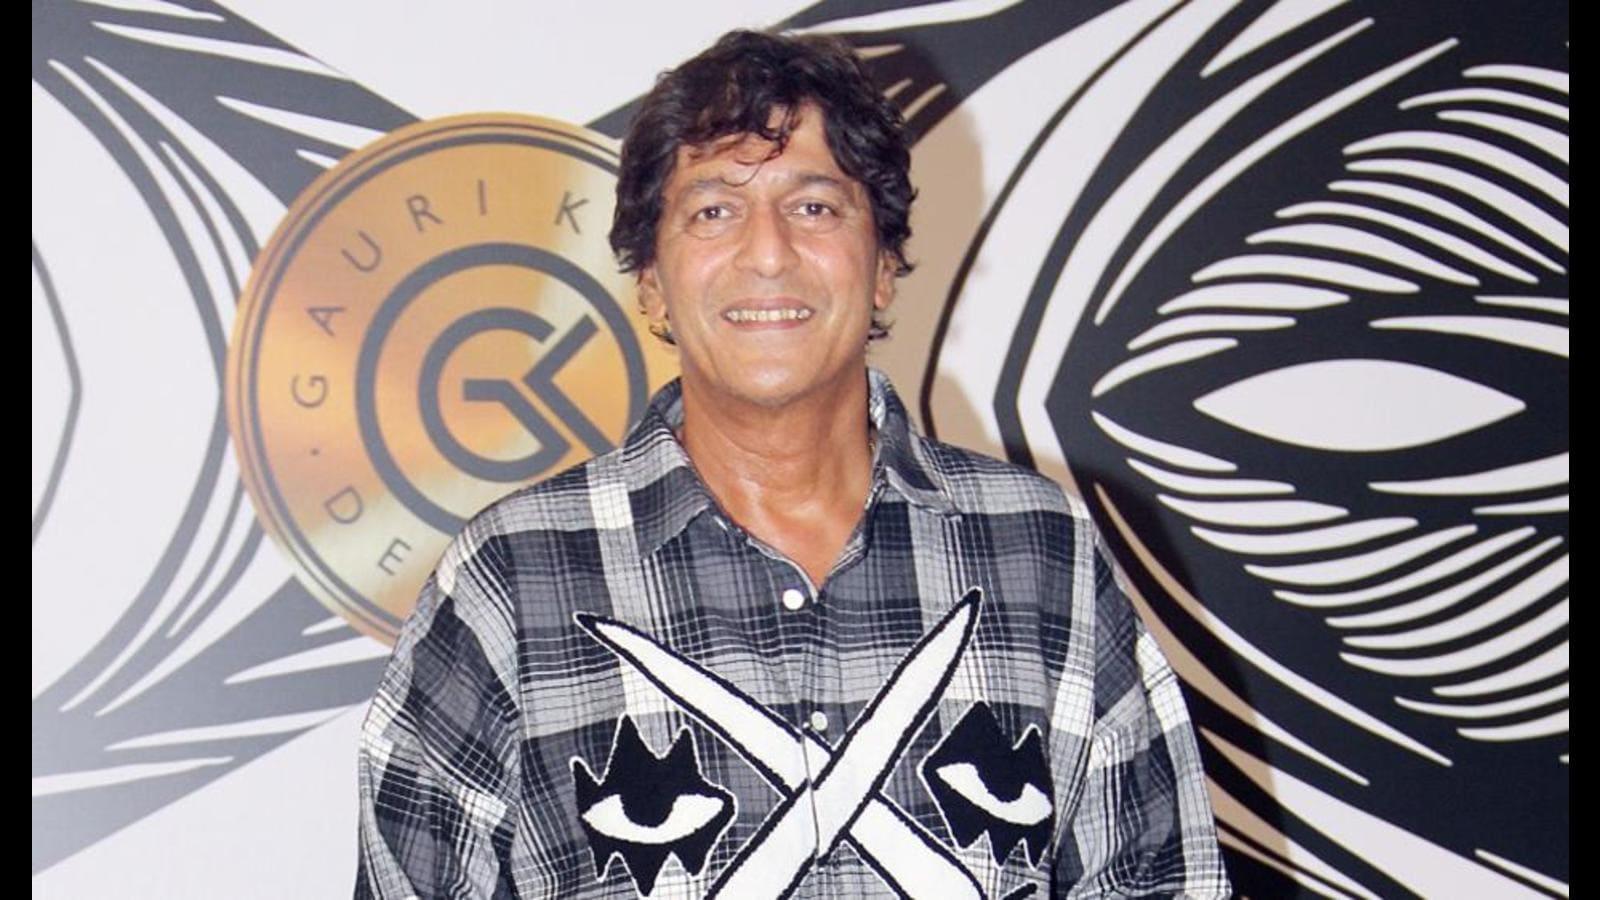 چنکی پانڈے کا بطور اداکار بالی ووڈ میں 35 سال کا سفر